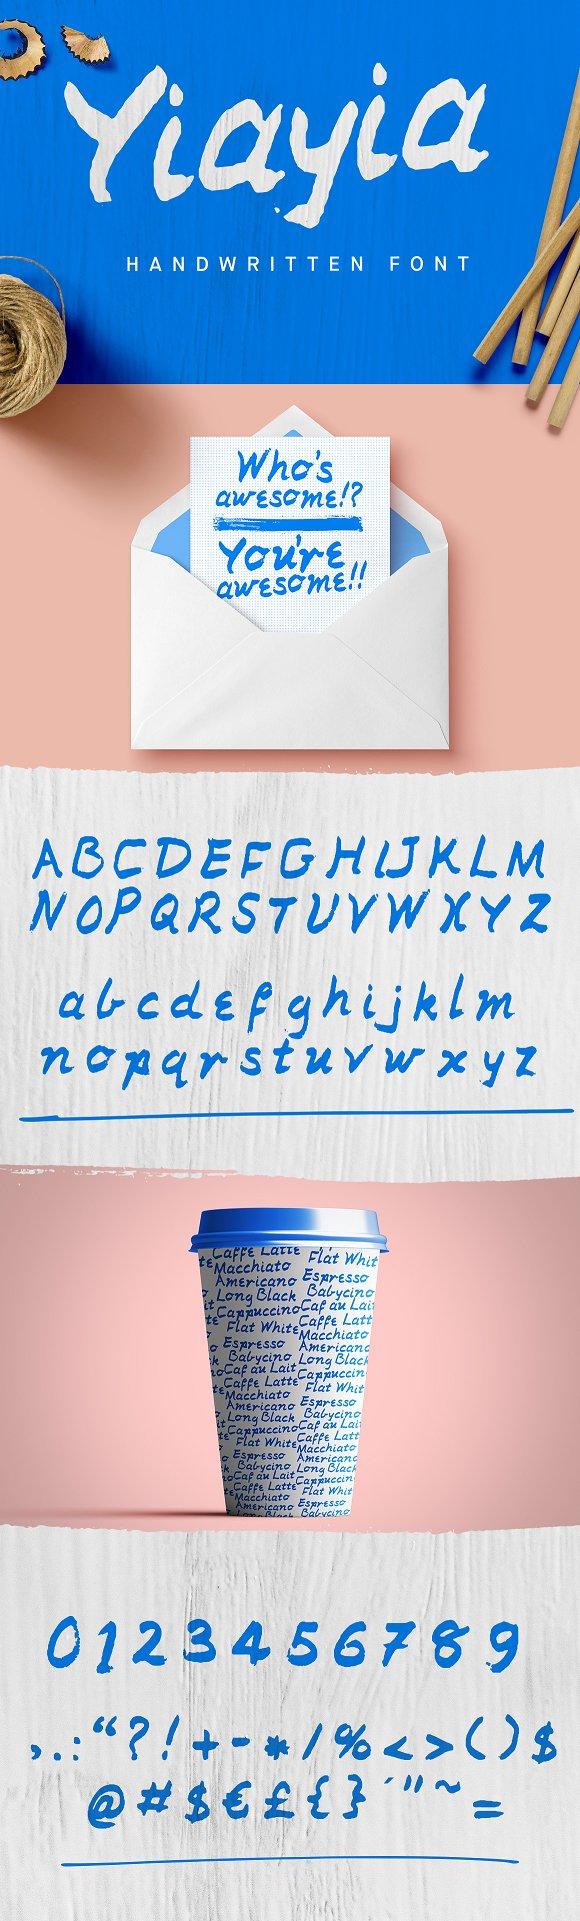 Yiayia Handwritten Font